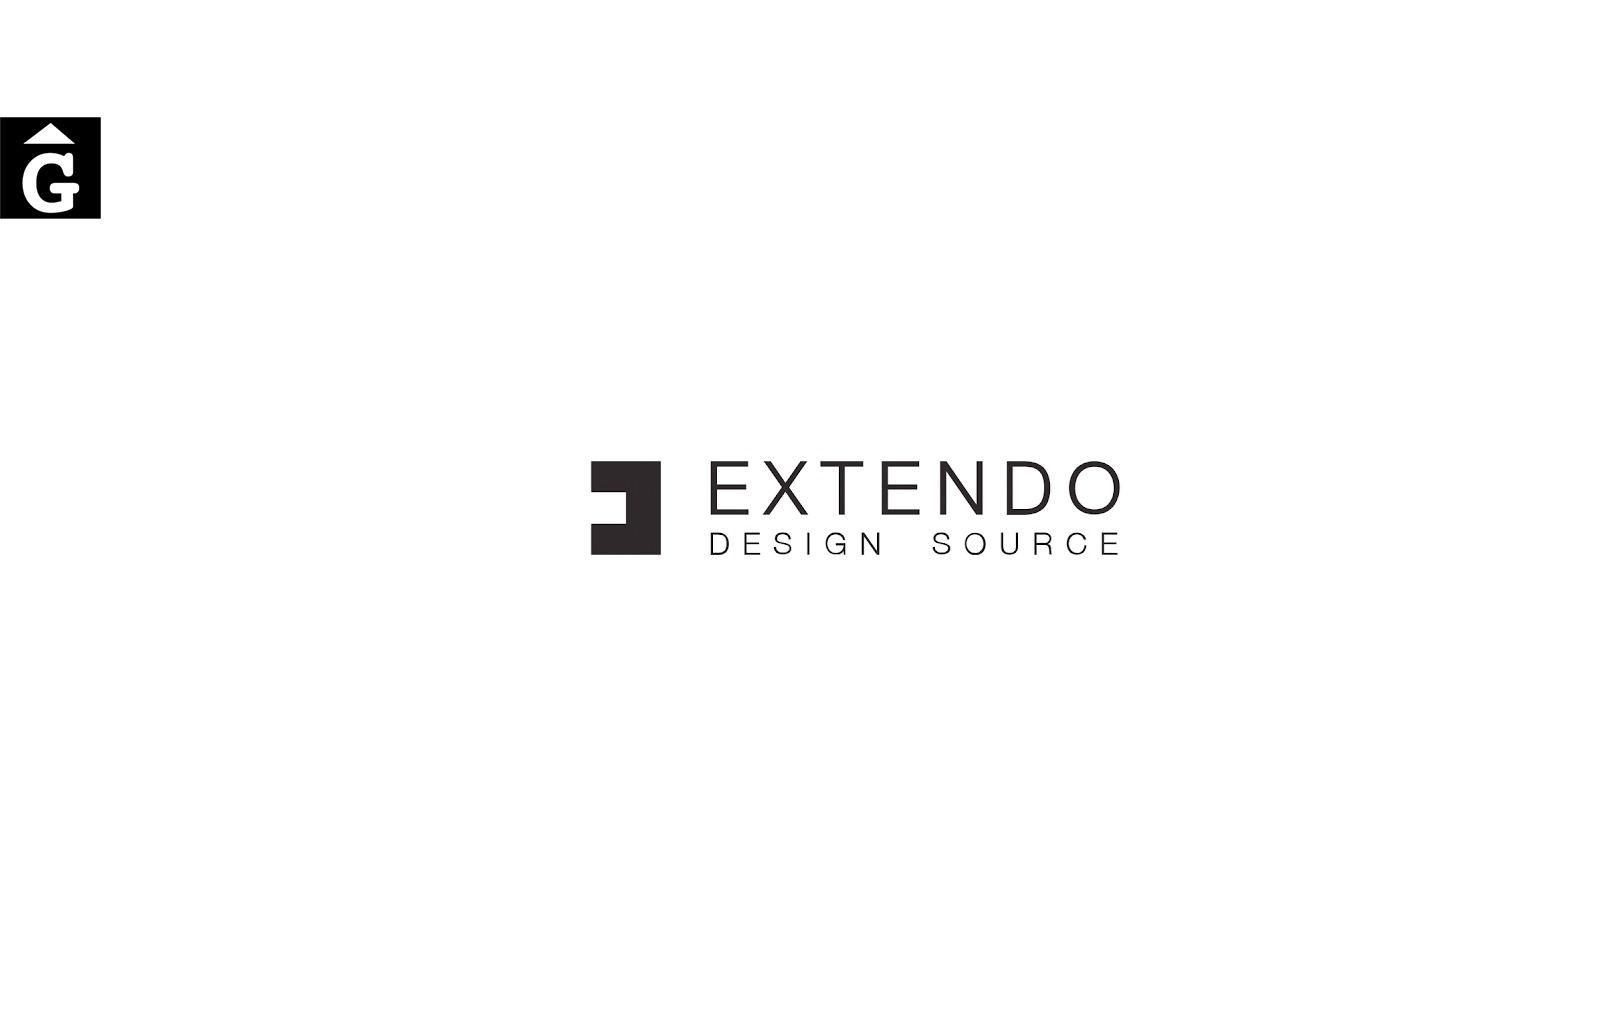 Extendo design source